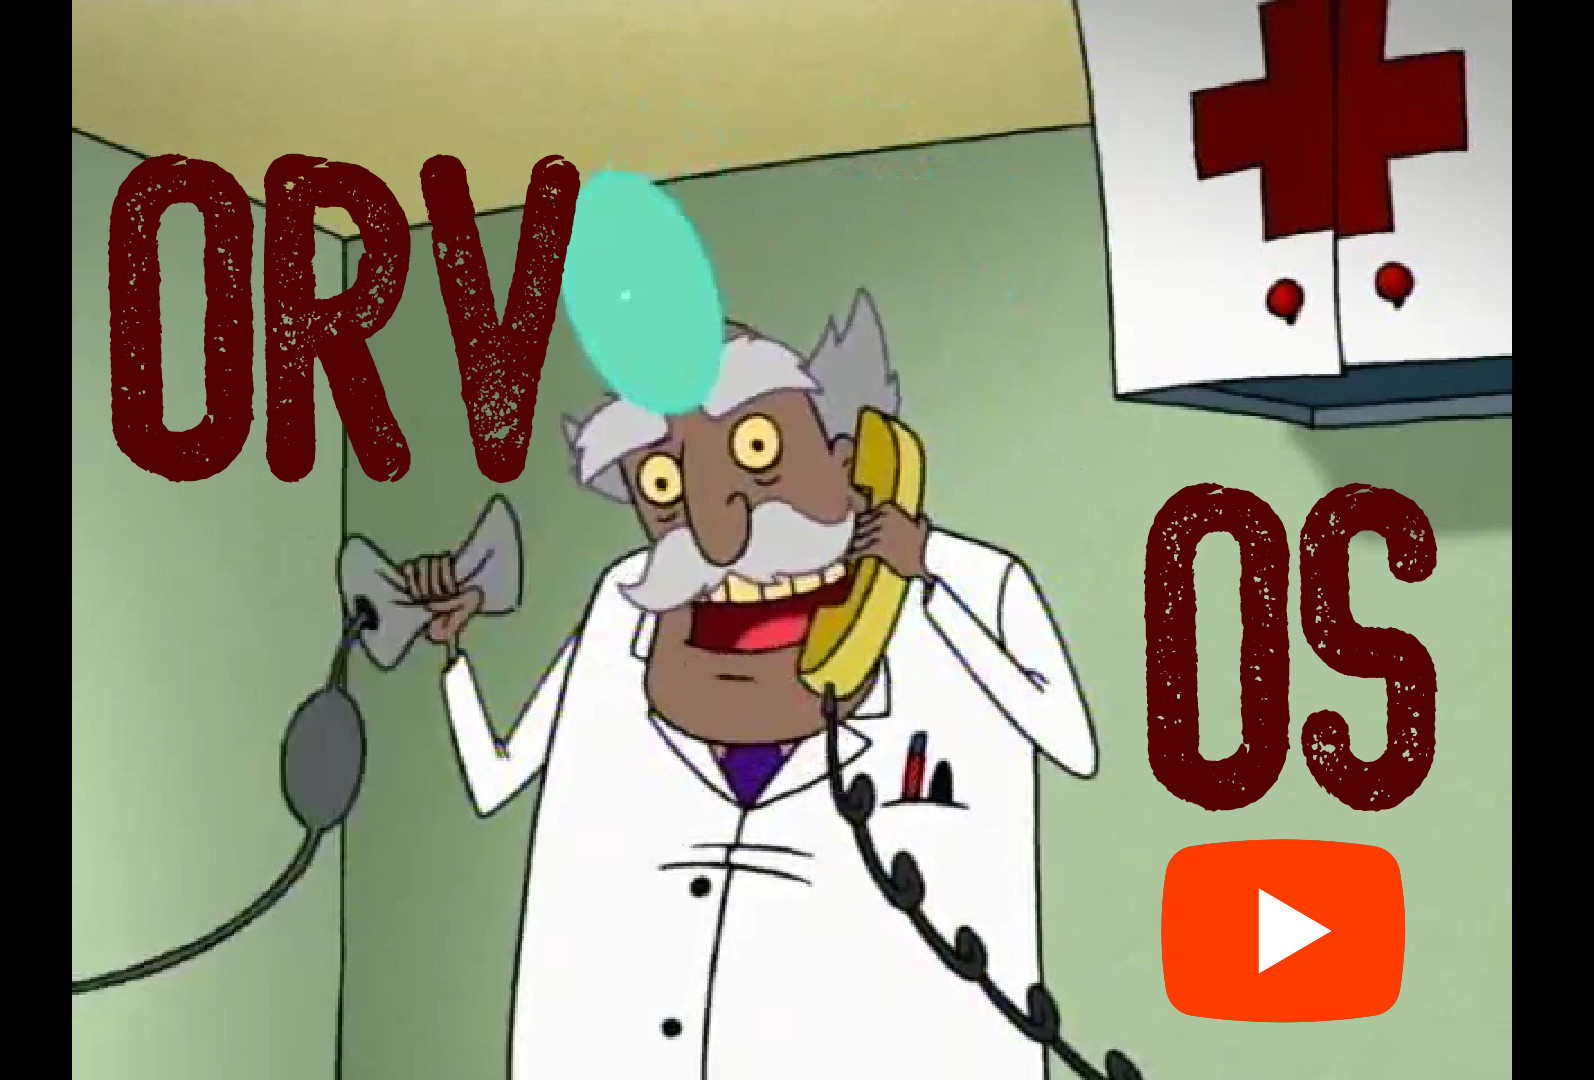 gazdag de tisztességtelen, erkölcstelen, korrupt orvosi kórházi praktikák paródia videó részlet